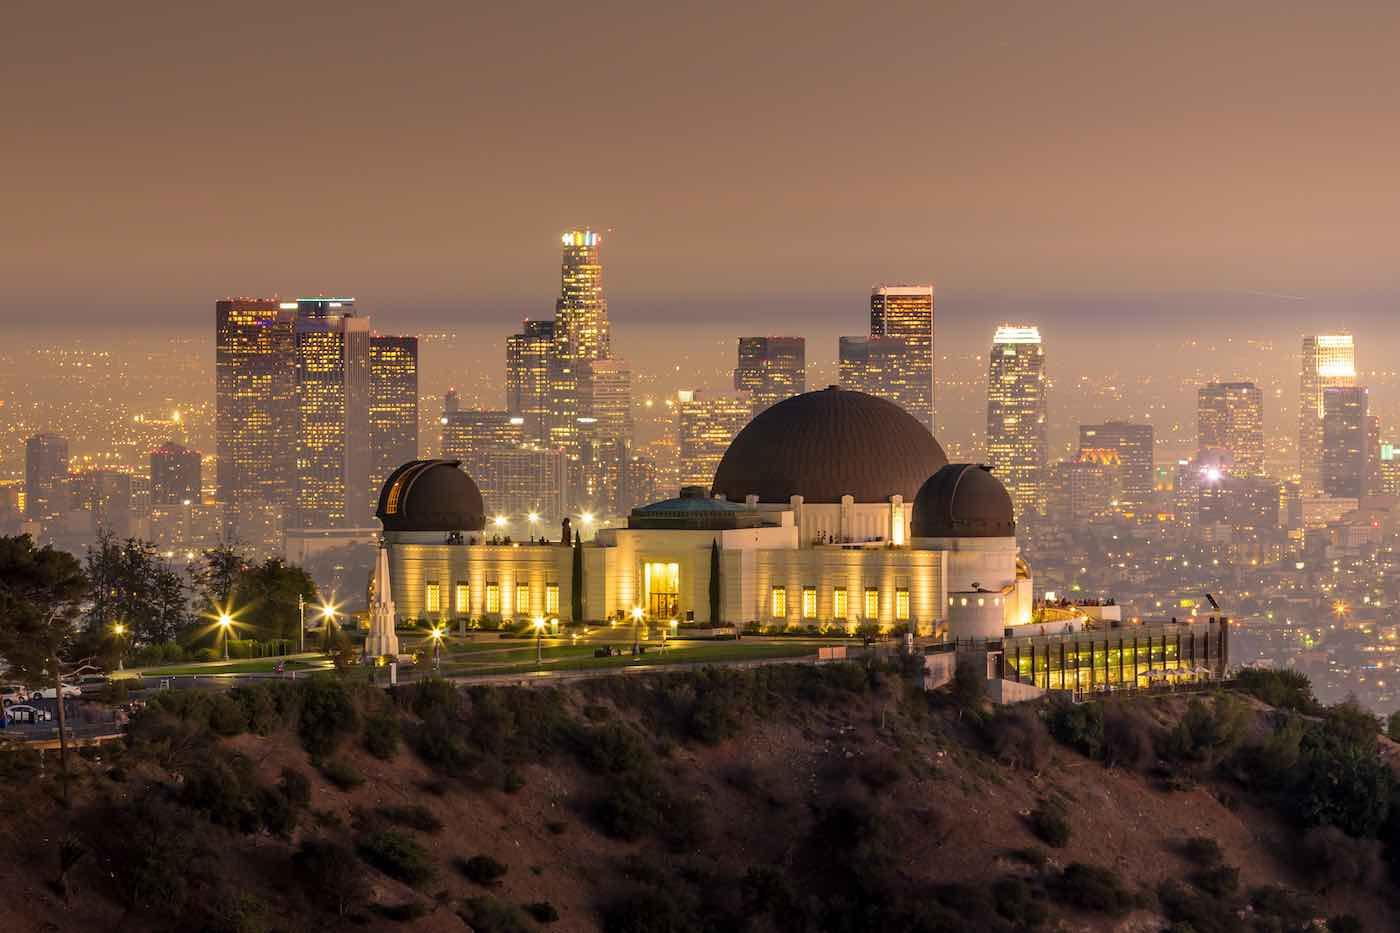 Los Angeles Tourism en colaboración con Cercle, te invita a un Livestream desde el icónico Observatorio Griffith con el dúo ganador del Grammy, Bob Moses.